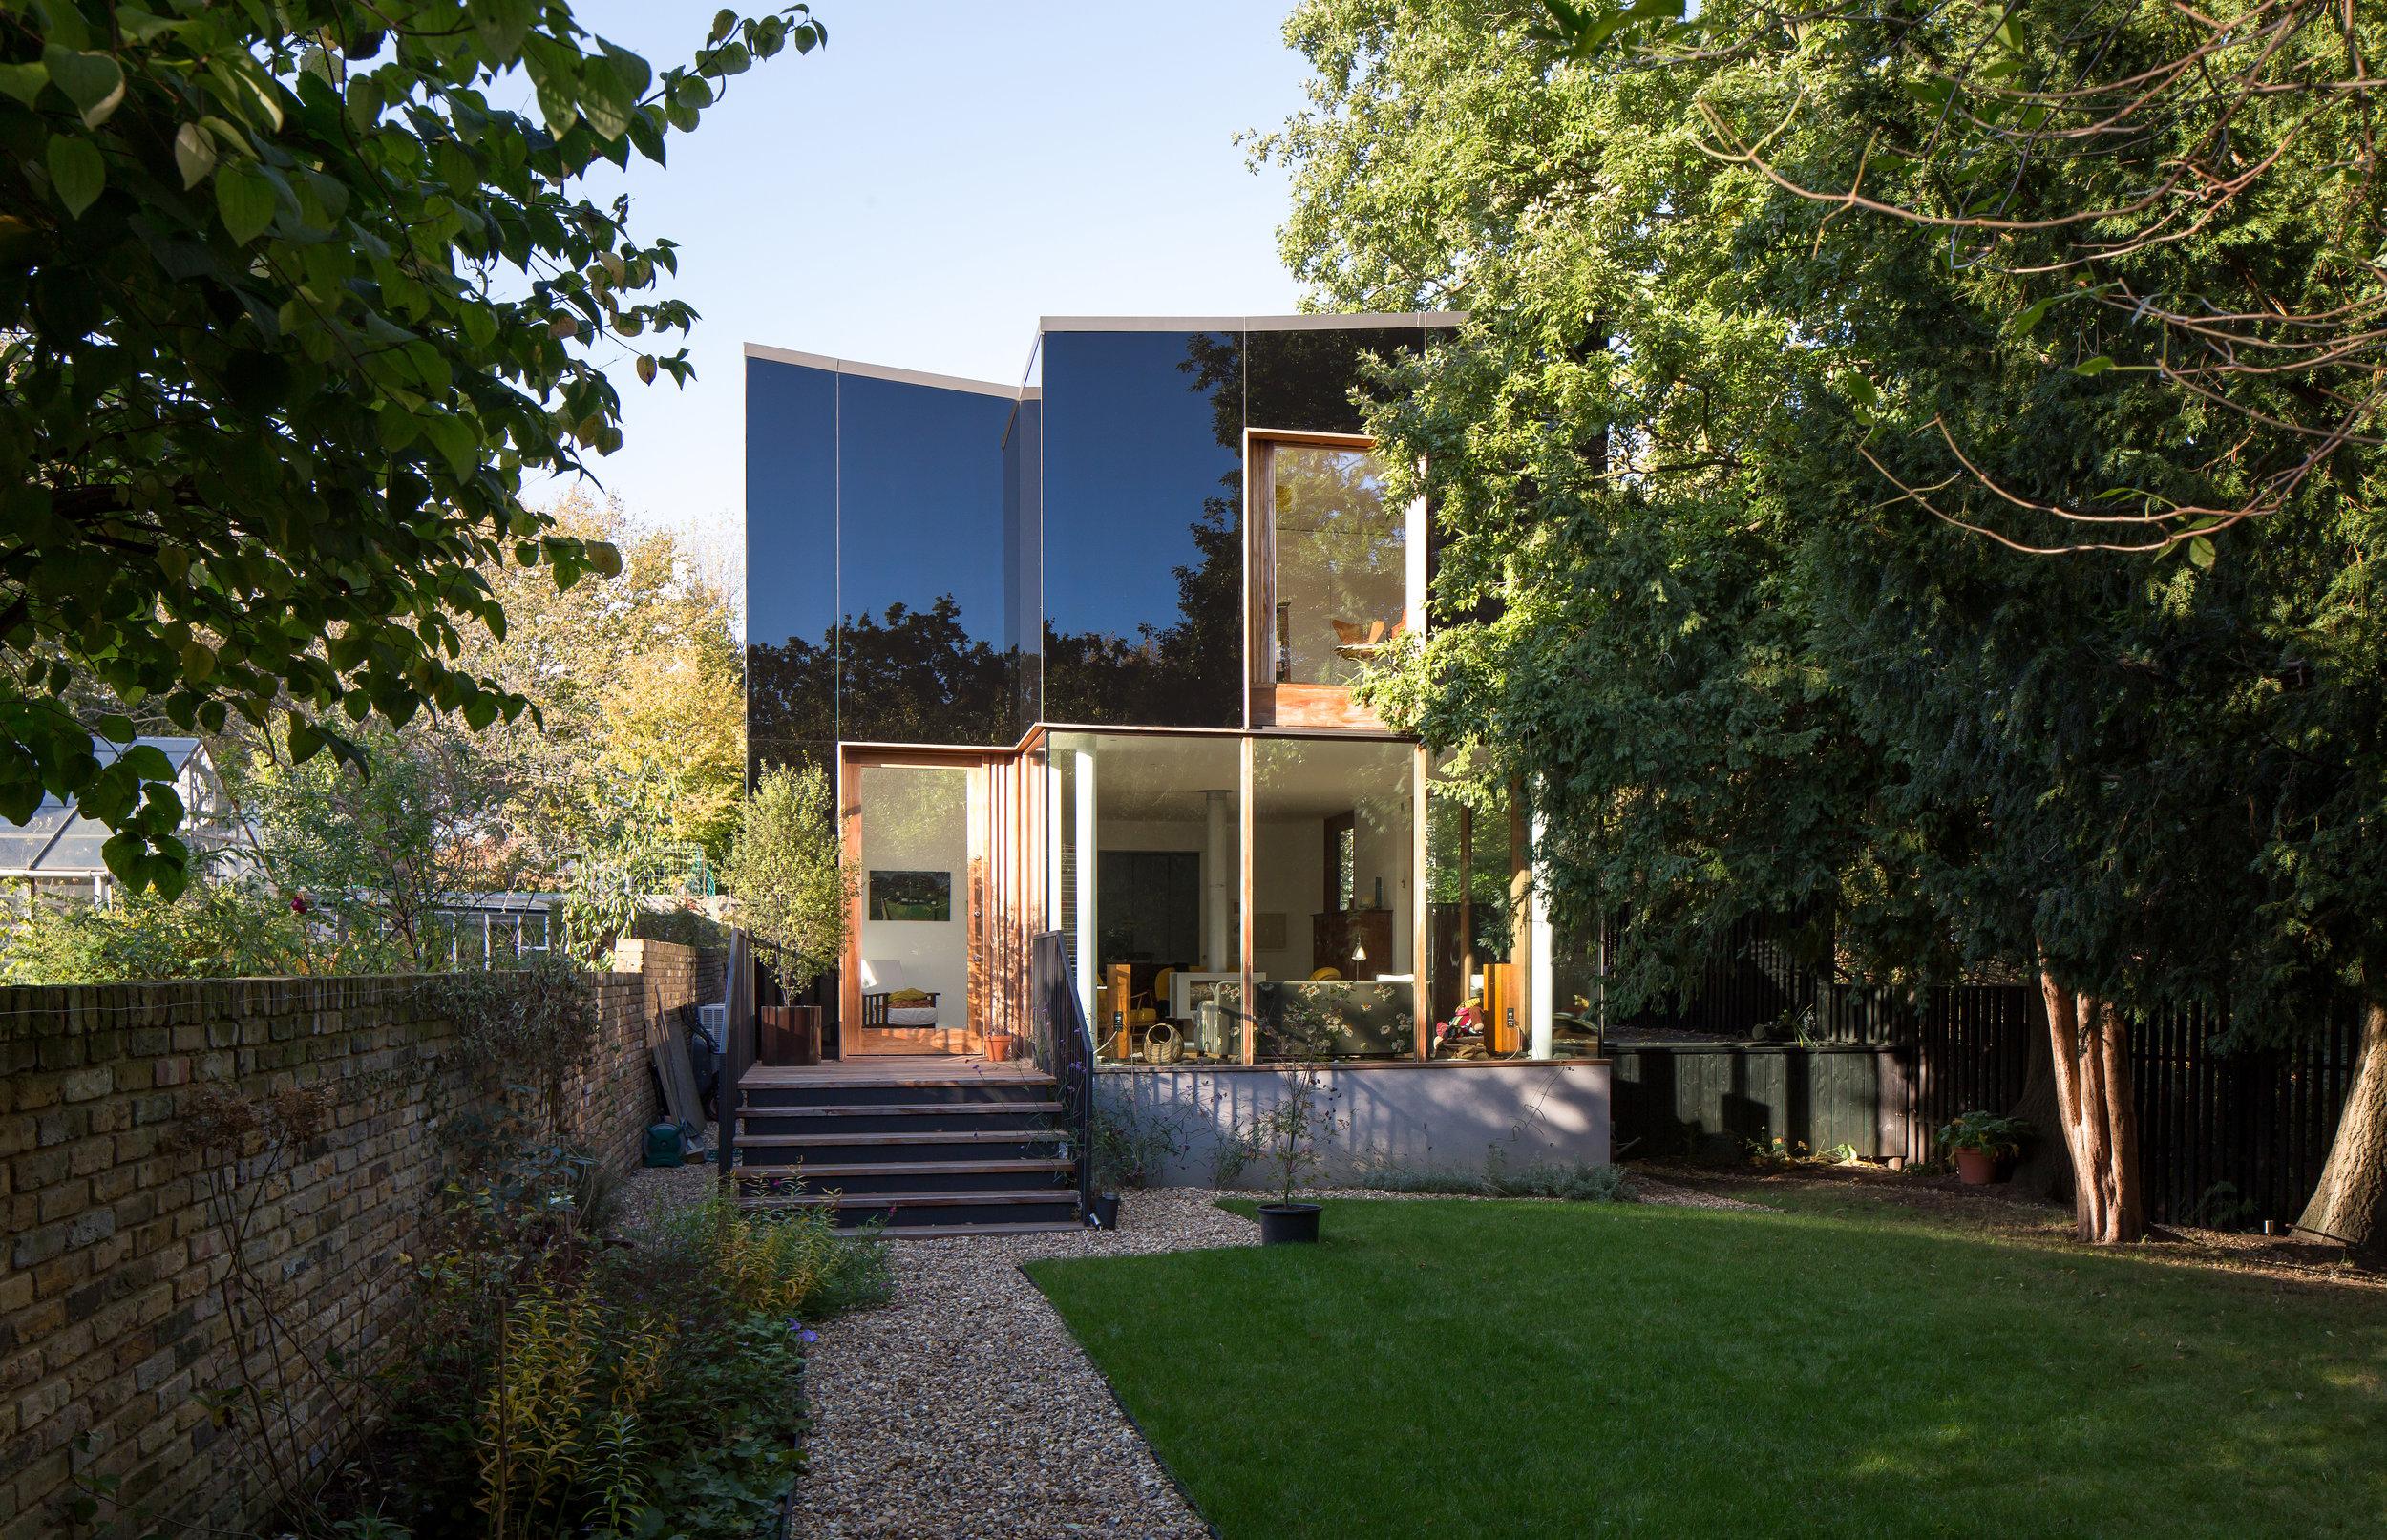 House, 2014   Redberry Grove Sydenham